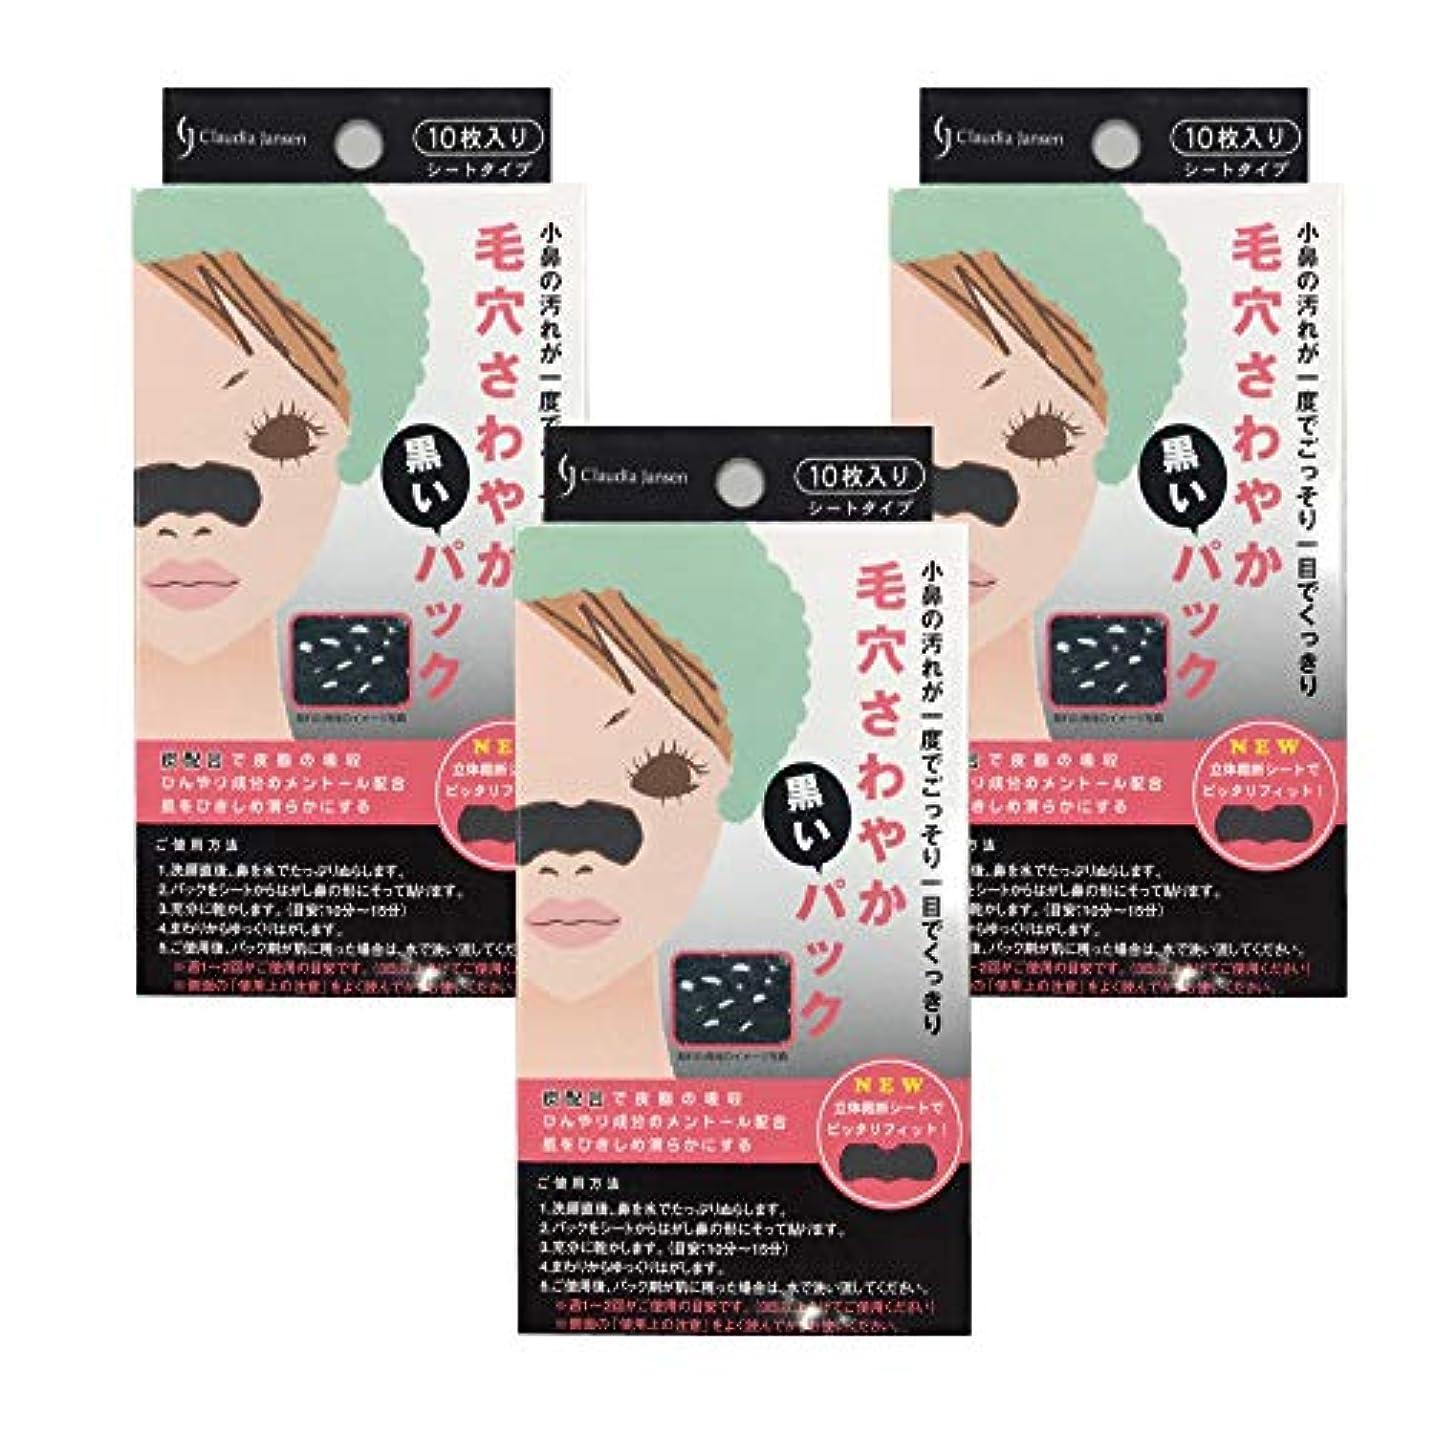 用語集低い主張する毛穴パック 黒ずみケア さわやか黒いパック 30枚セット(10枚入×3箱)